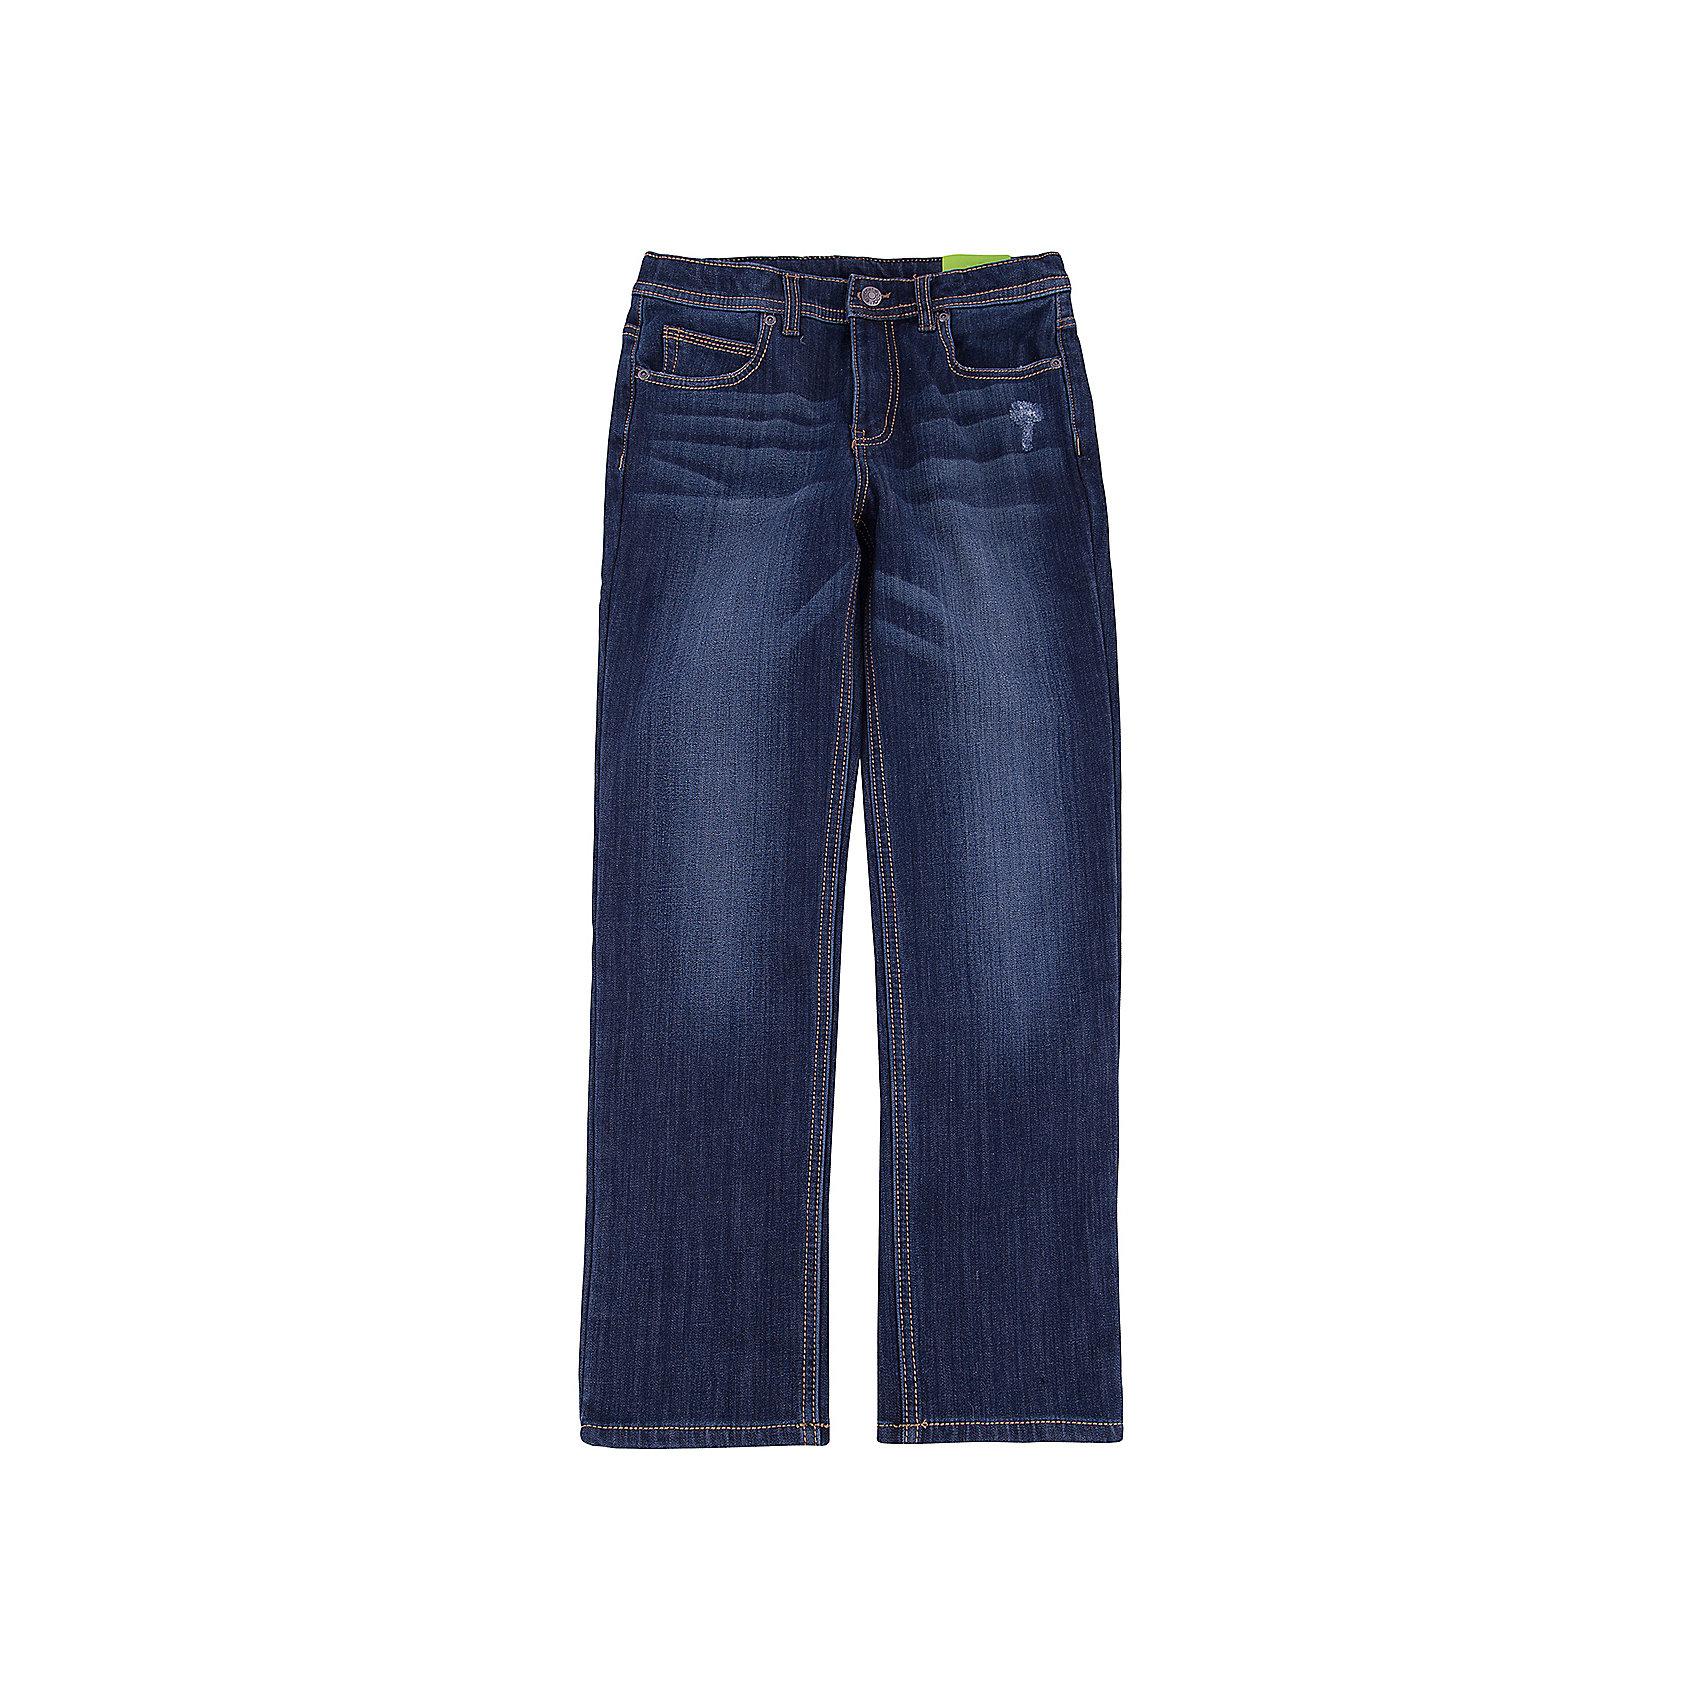 Джинсы для мальчика ScoolДжинсы для мальчика Scool – мода и стиль для подростков. <br>Классические темно-синие джинсы прямого покроя. Не сковывают движение, хорошо тянутся. Имеют пять карманов: три впереди, два сзади. Застегиваются на молнию, при необходимости можно вставить ремень. Можно стирать в машинке. Быстро сохнут.<br><br>Дополнительная информация:<br>- материал: 62% хлопок, 23% вискоза, 13% полиэстер, 2% эластан<br>- цвет: темно-синий<br><br>Джинсы для мальчика Scool можно купить в нашем интернет магазине.<br><br>Ширина мм: 215<br>Глубина мм: 88<br>Высота мм: 191<br>Вес г: 336<br>Цвет: синий<br>Возраст от месяцев: 120<br>Возраст до месяцев: 132<br>Пол: Мужской<br>Возраст: Детский<br>Размер: 146,134,164,158,152,140<br>SKU: 4911593